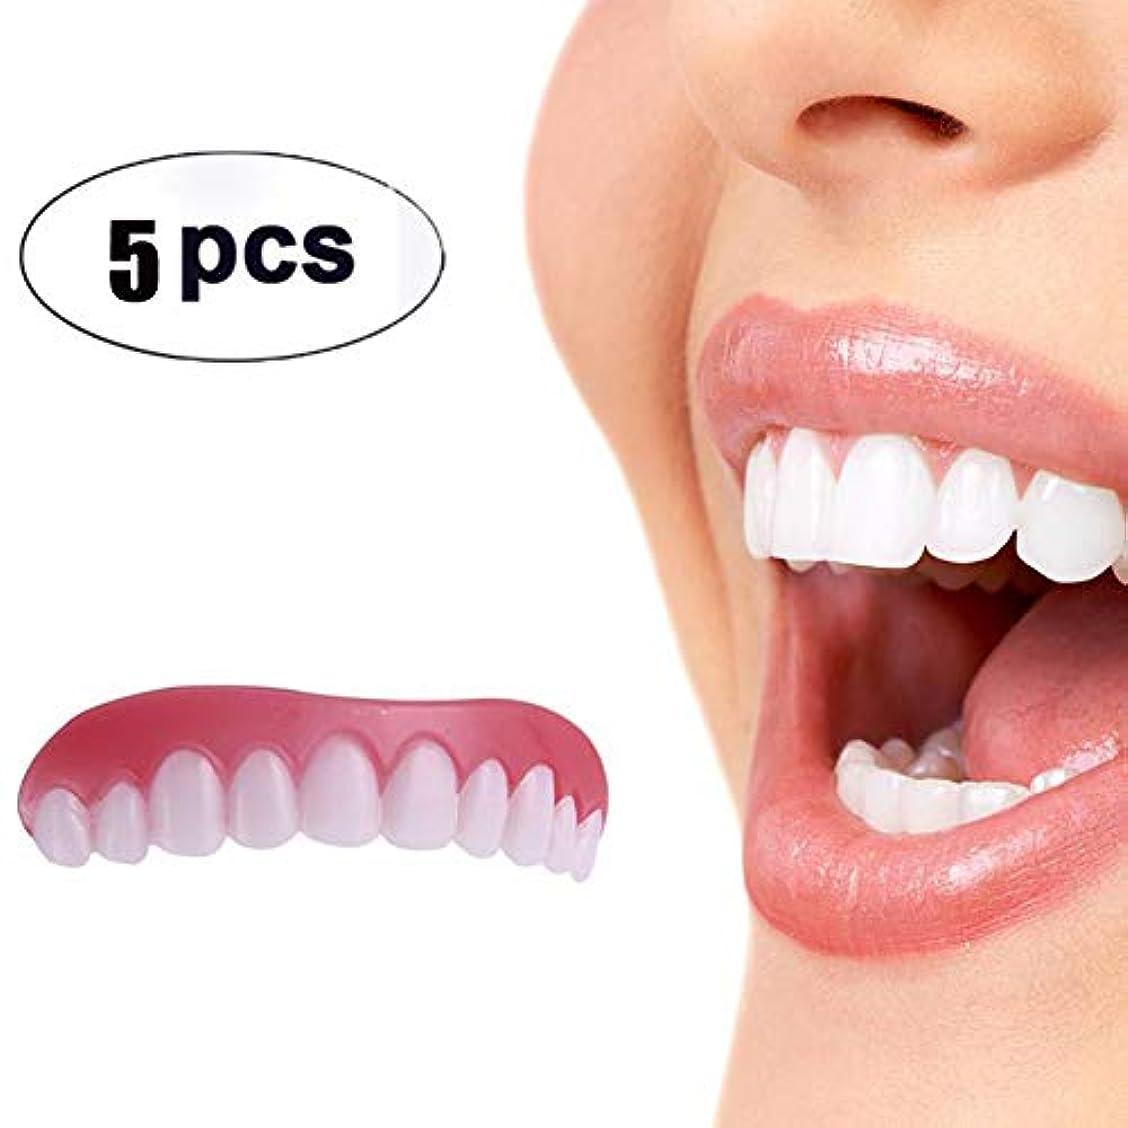 申請中に対してじゃない5枚の歯科用化粧板が歯の化粧化粧板の上部にぴったり合うサイズがすべての義歯の接着剤の歯に似ています偽の歯の笑顔